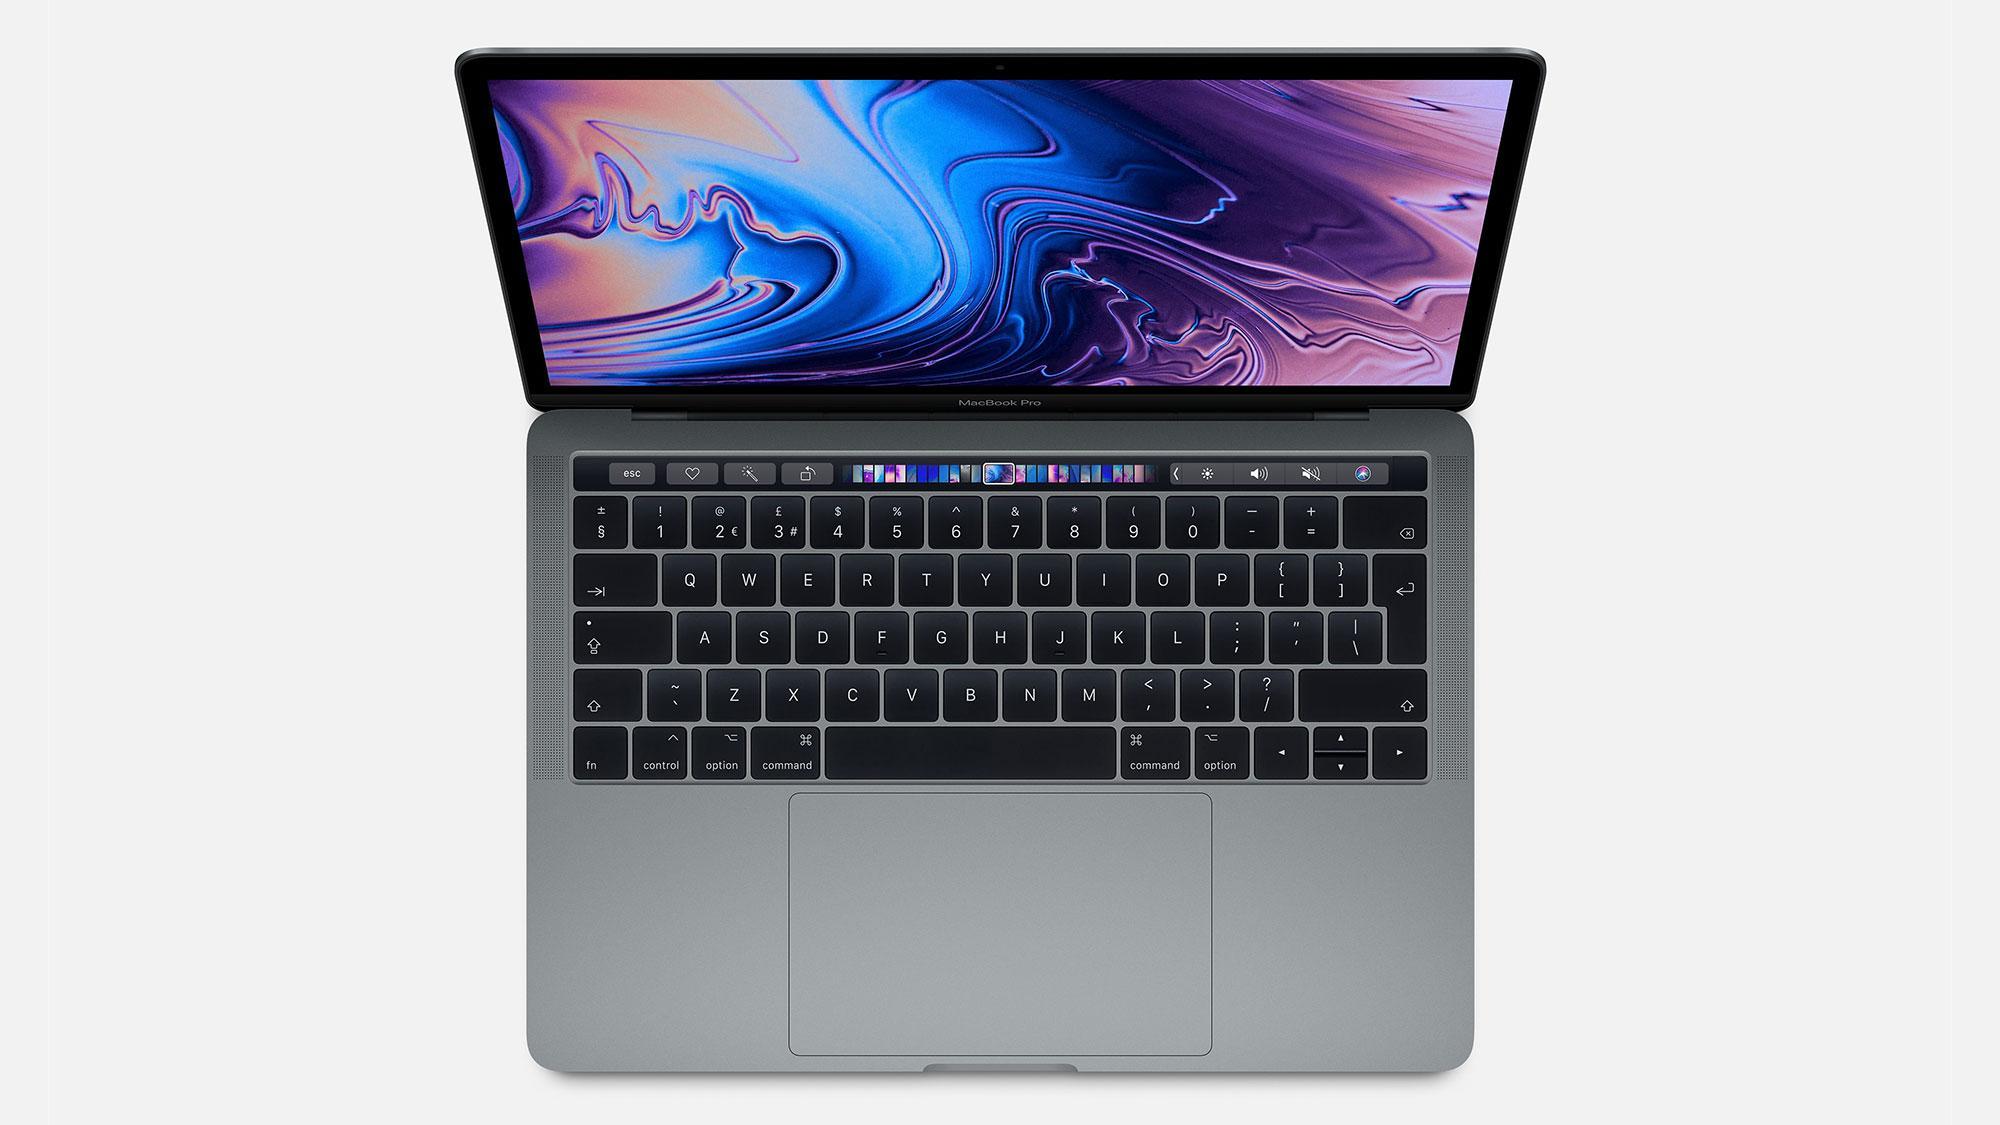 2018 Apple MacBook Pro